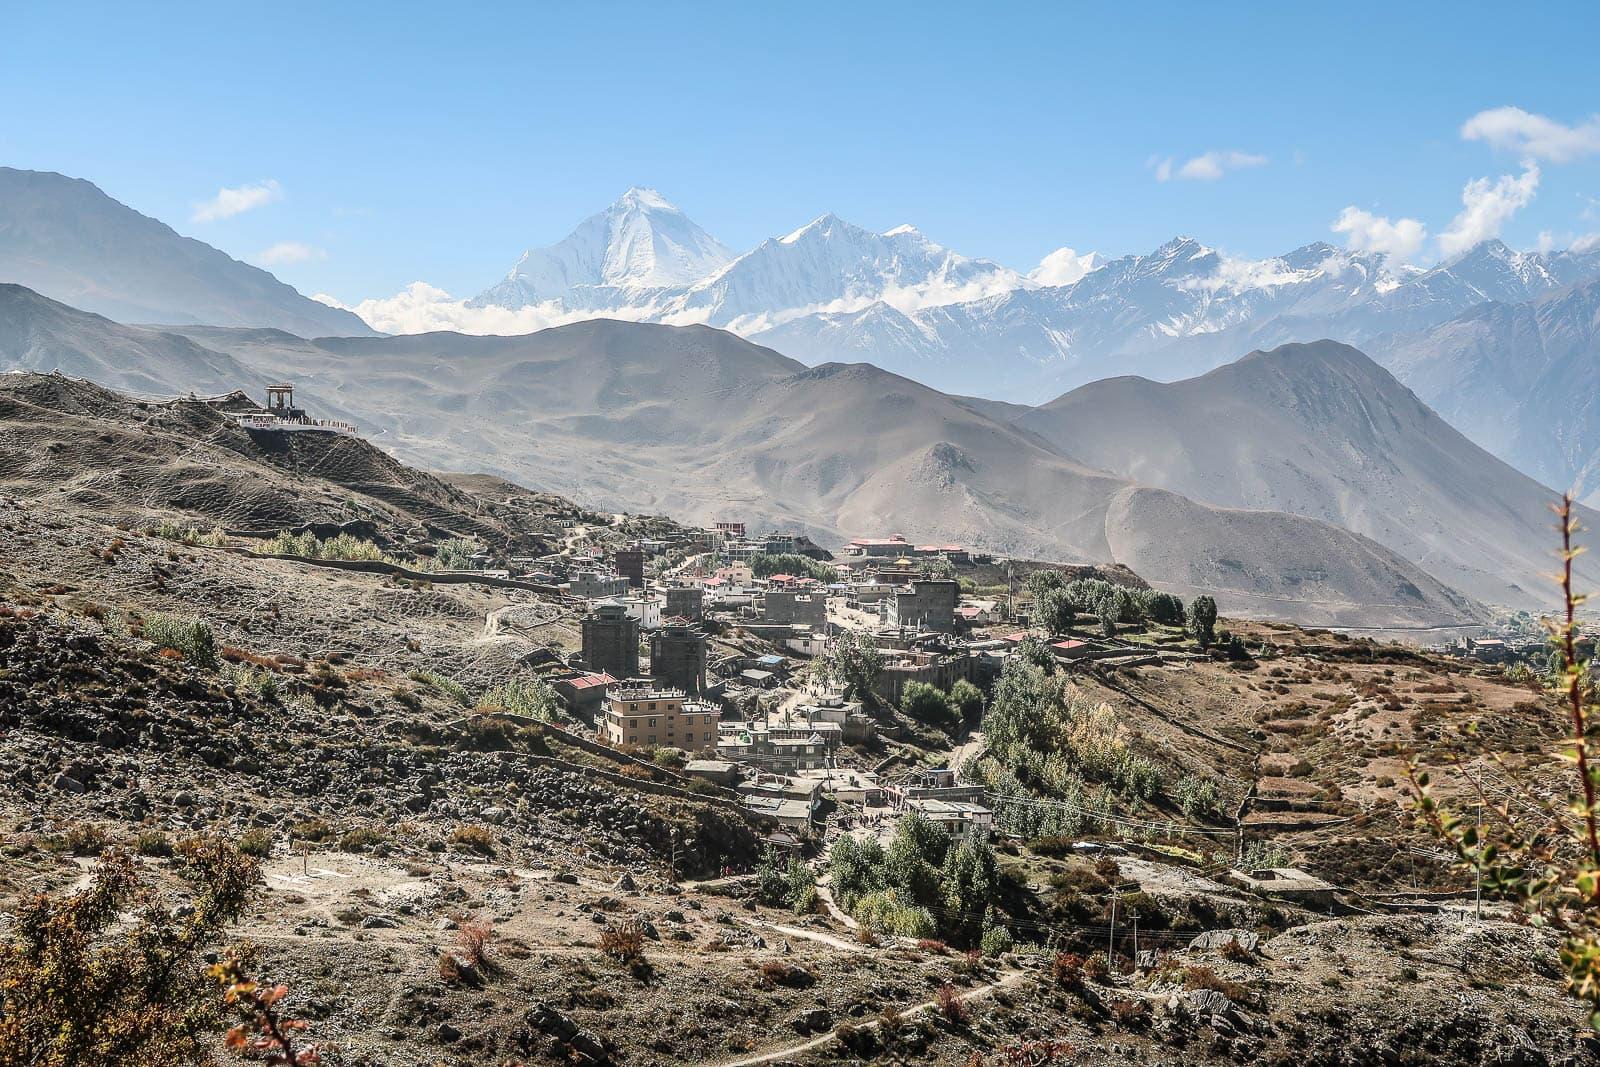 Ranipauwa Nepal